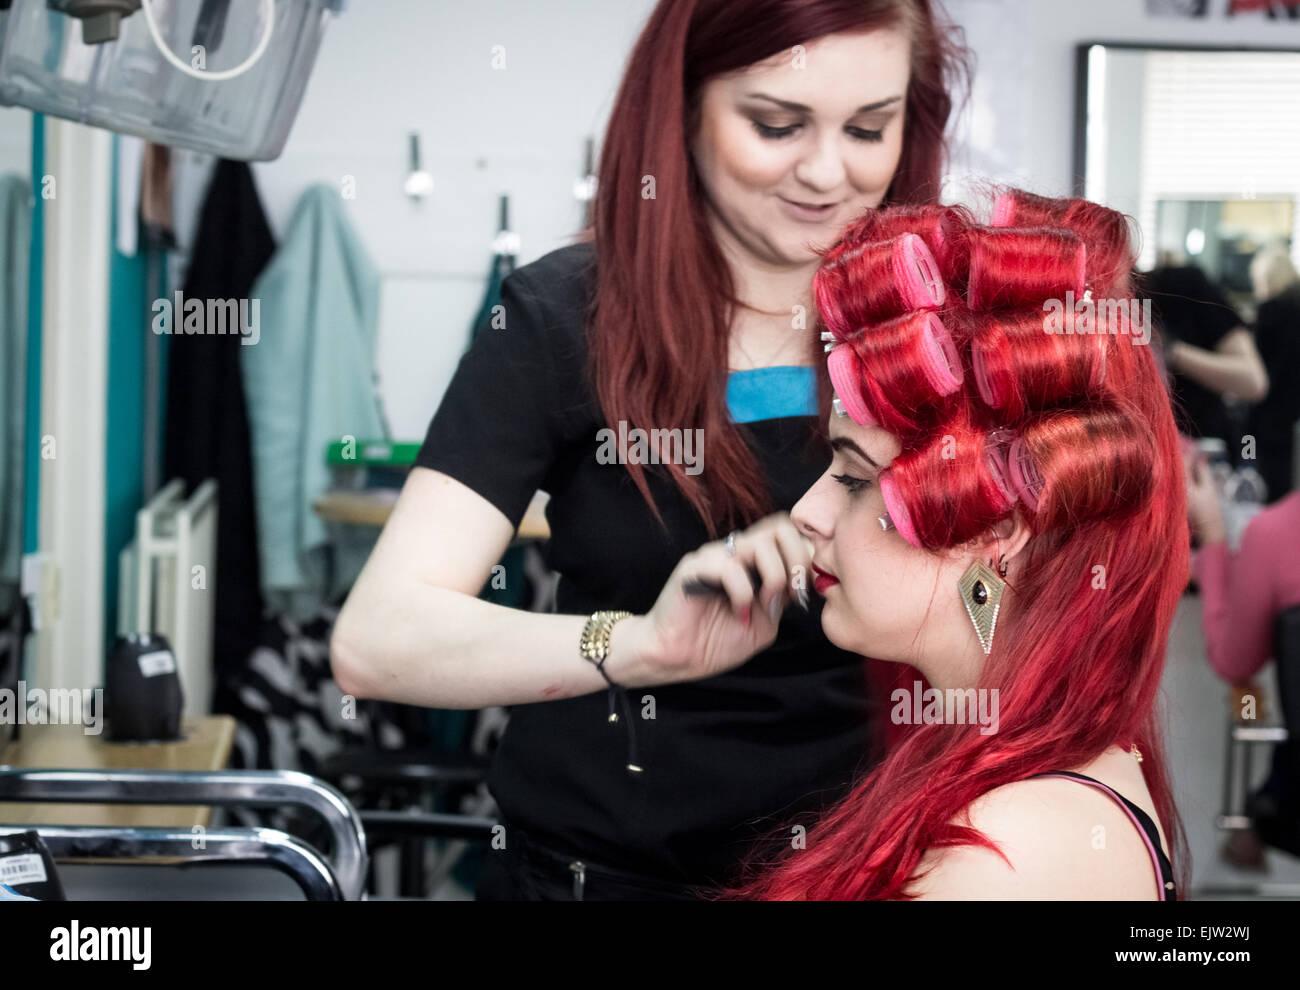 Coiffure femme pour un costume et qui constituent un modèle pour une vitrine de la mode. Photo Stock